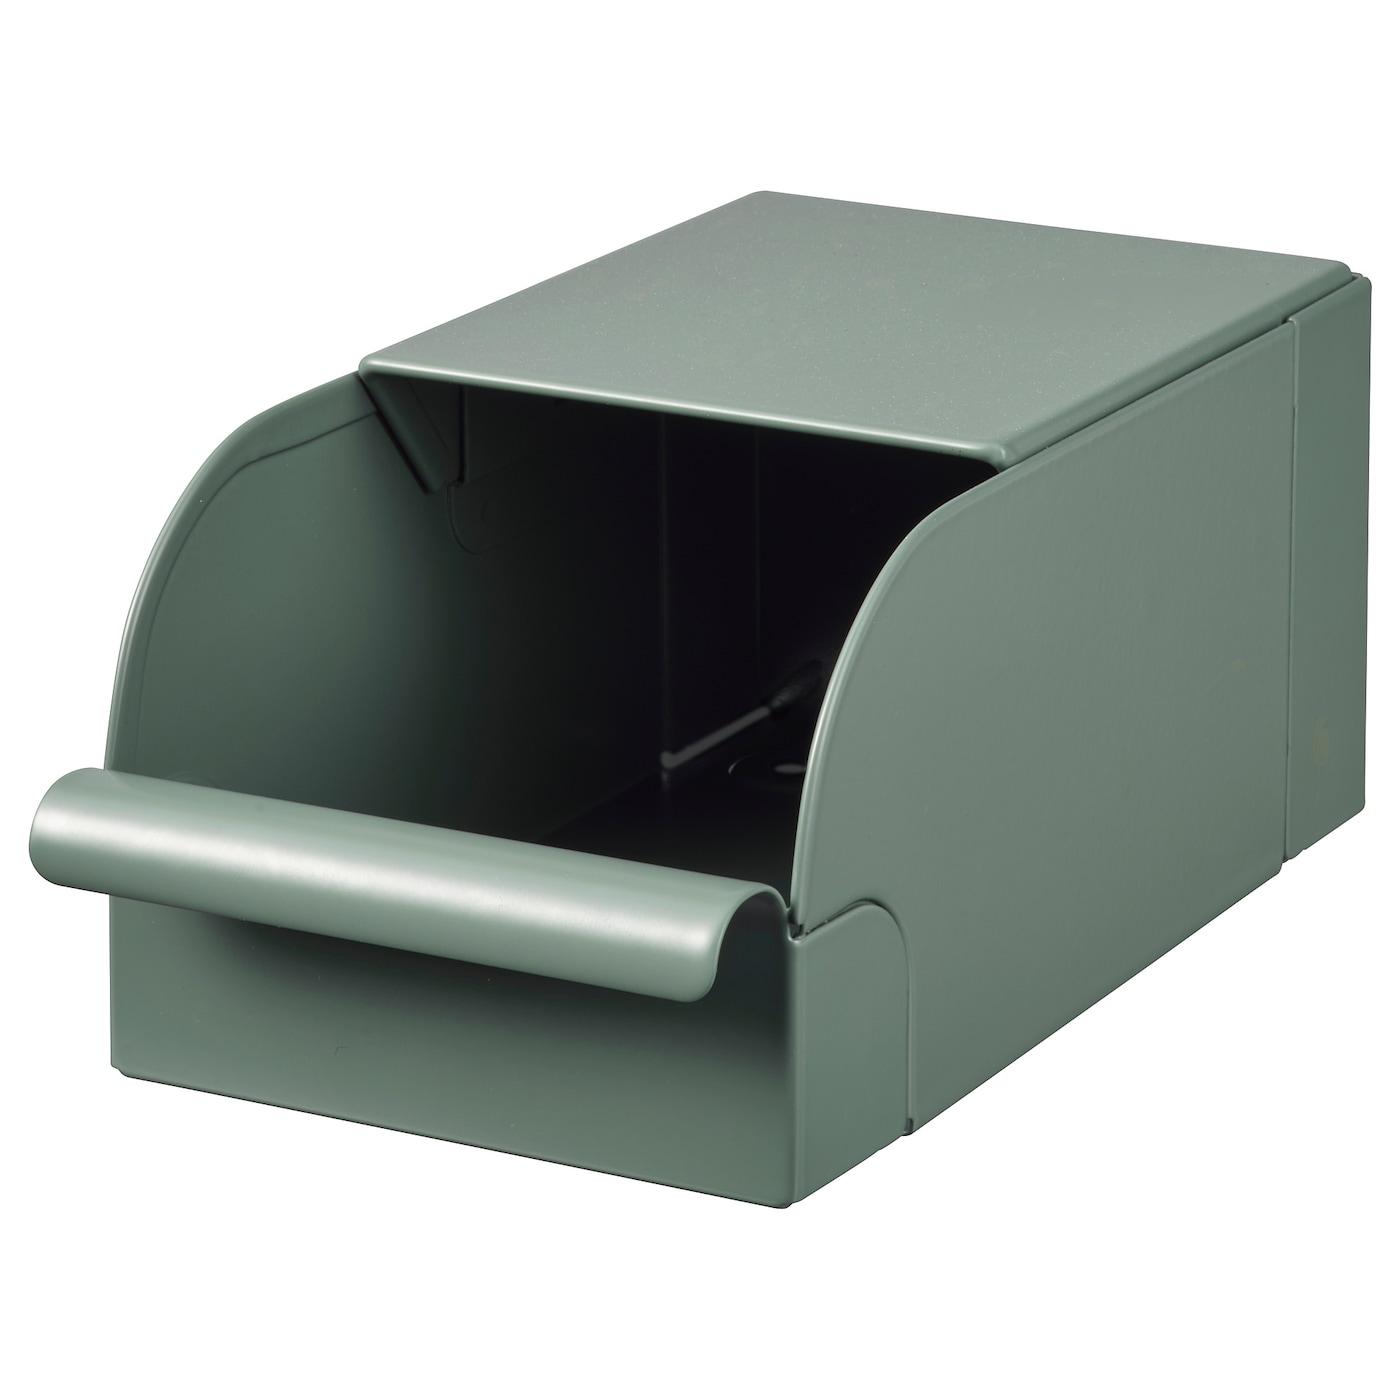 REJSA Box - graugrün/Metall 9x17x7.5 cm